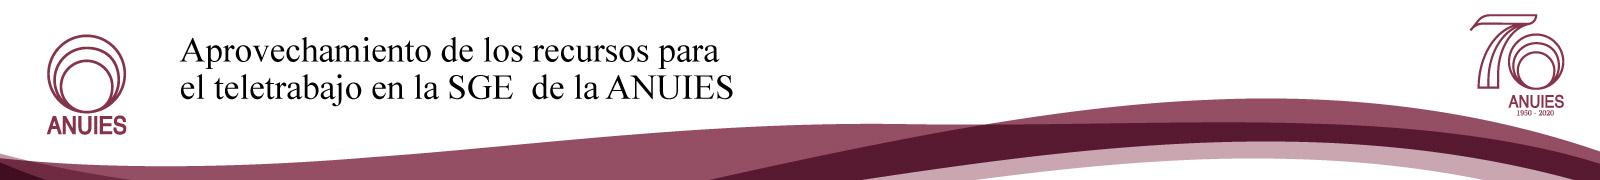 Aprovechamiento de los recursos para el teletrabajo en la SGE de la ANUIES